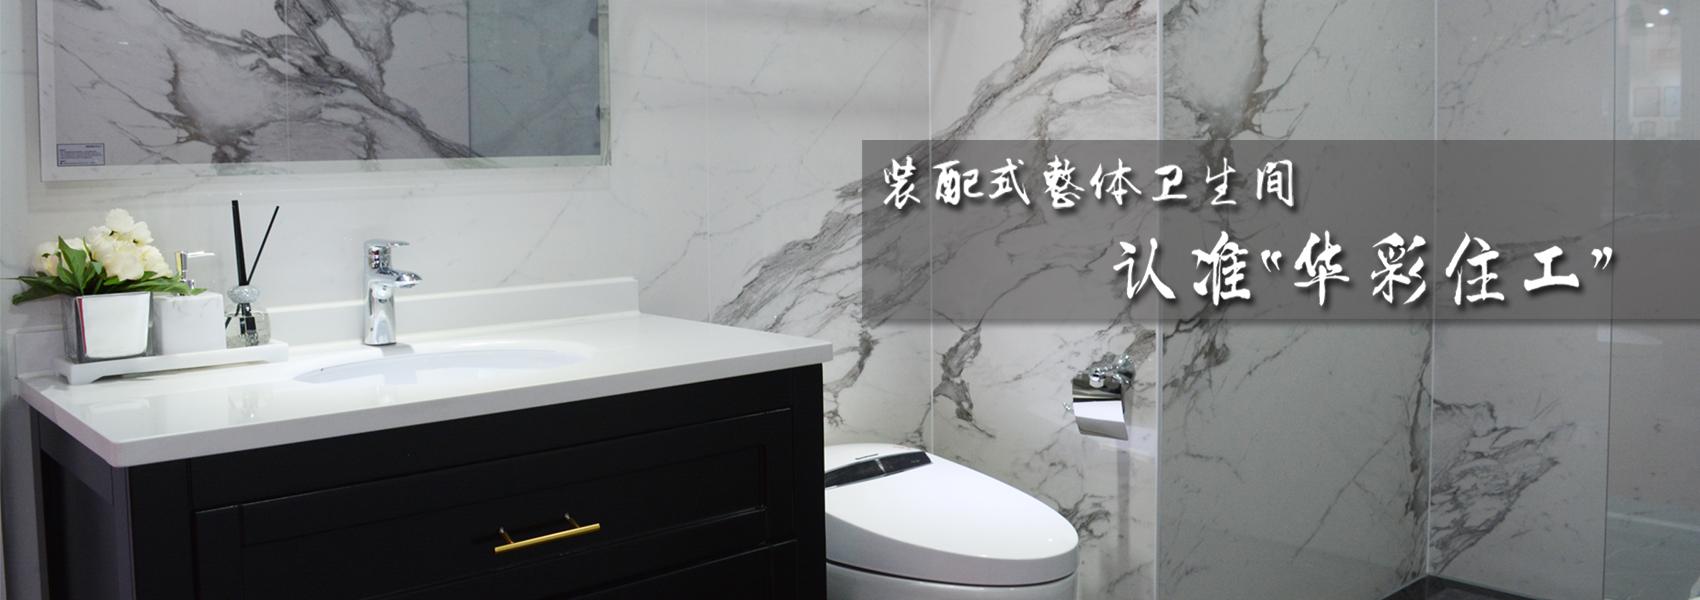 日本整体浴室效果图